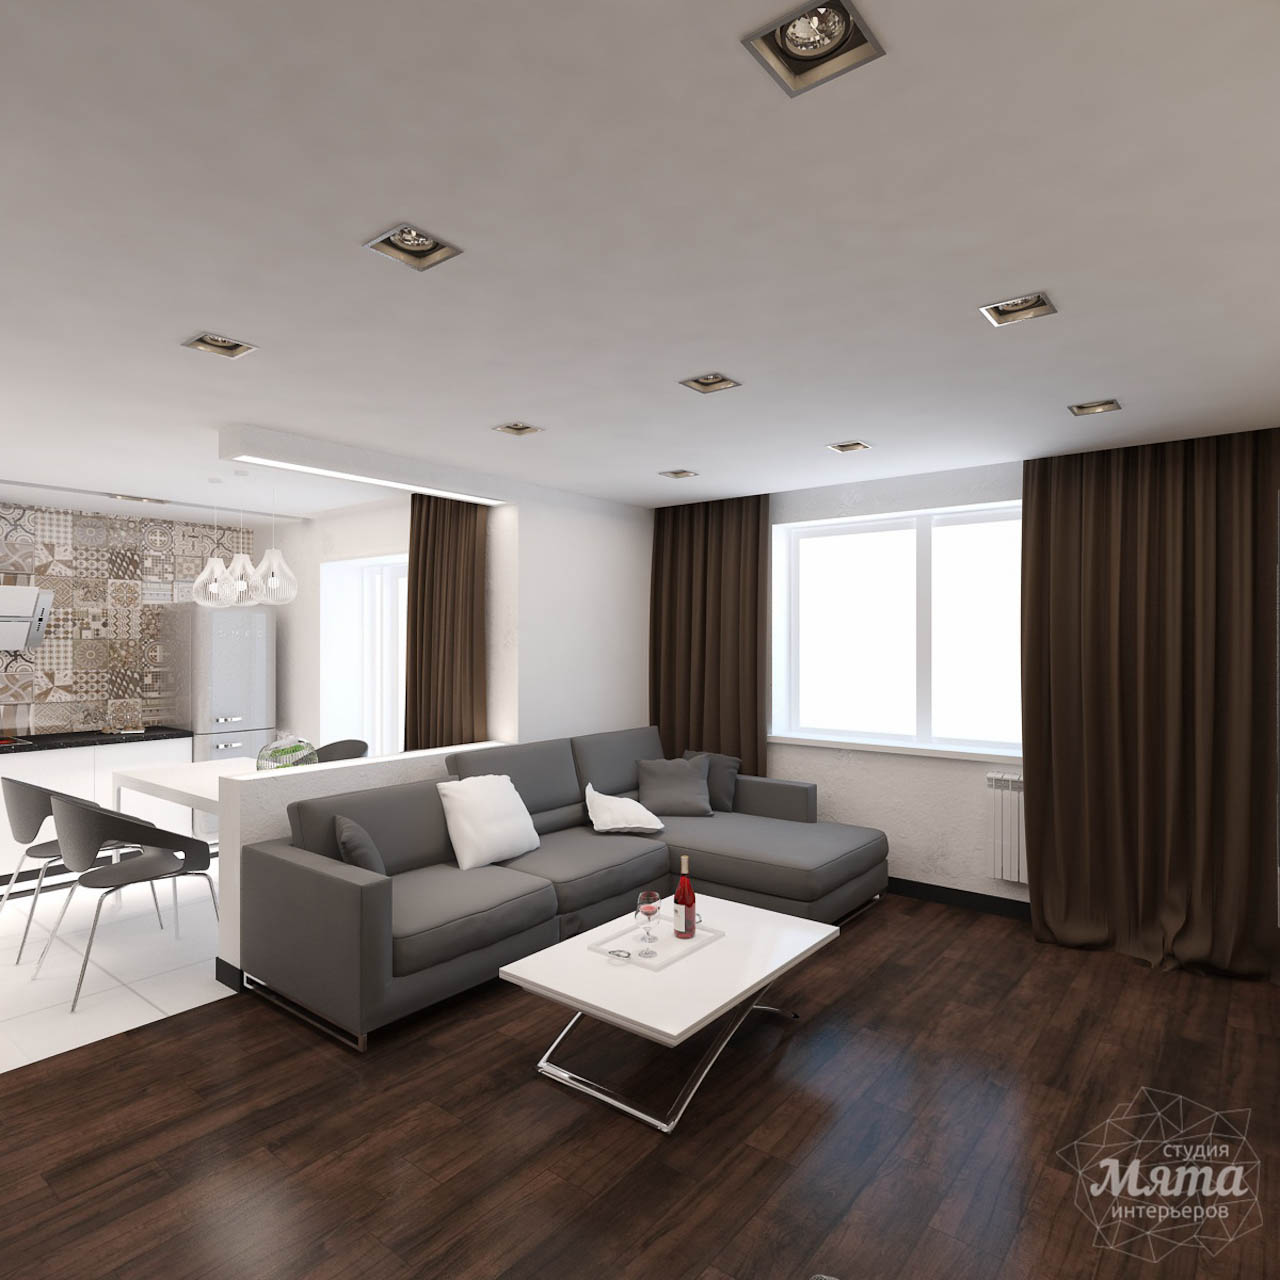 интерьер в стиле контемпорари в маленькой квартире